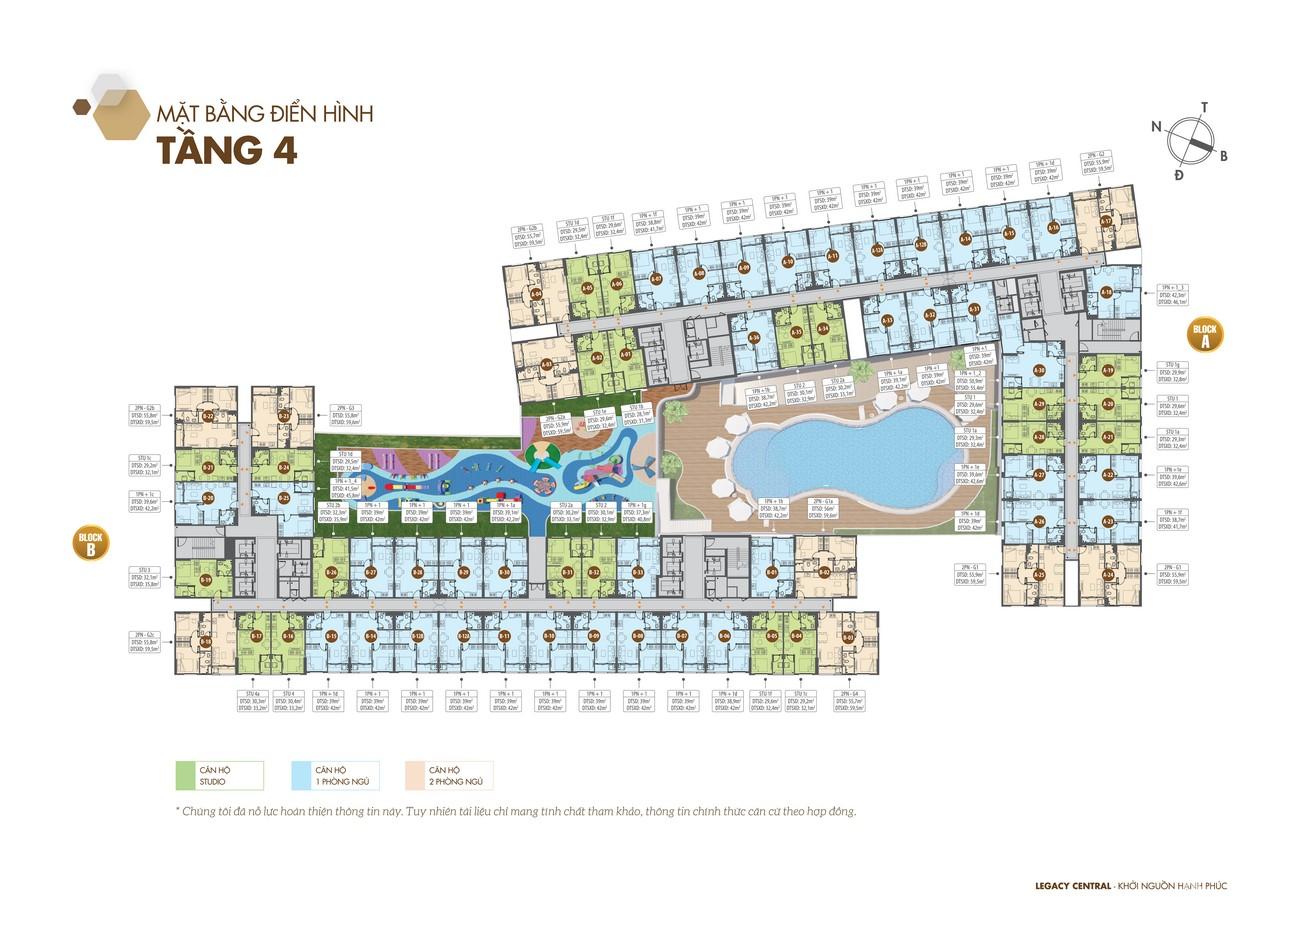 Mặt bằng dự án căn hộ chung cư Legacy Central Thuận An Bình Dương chủ đầu tư Kim Oanh Group